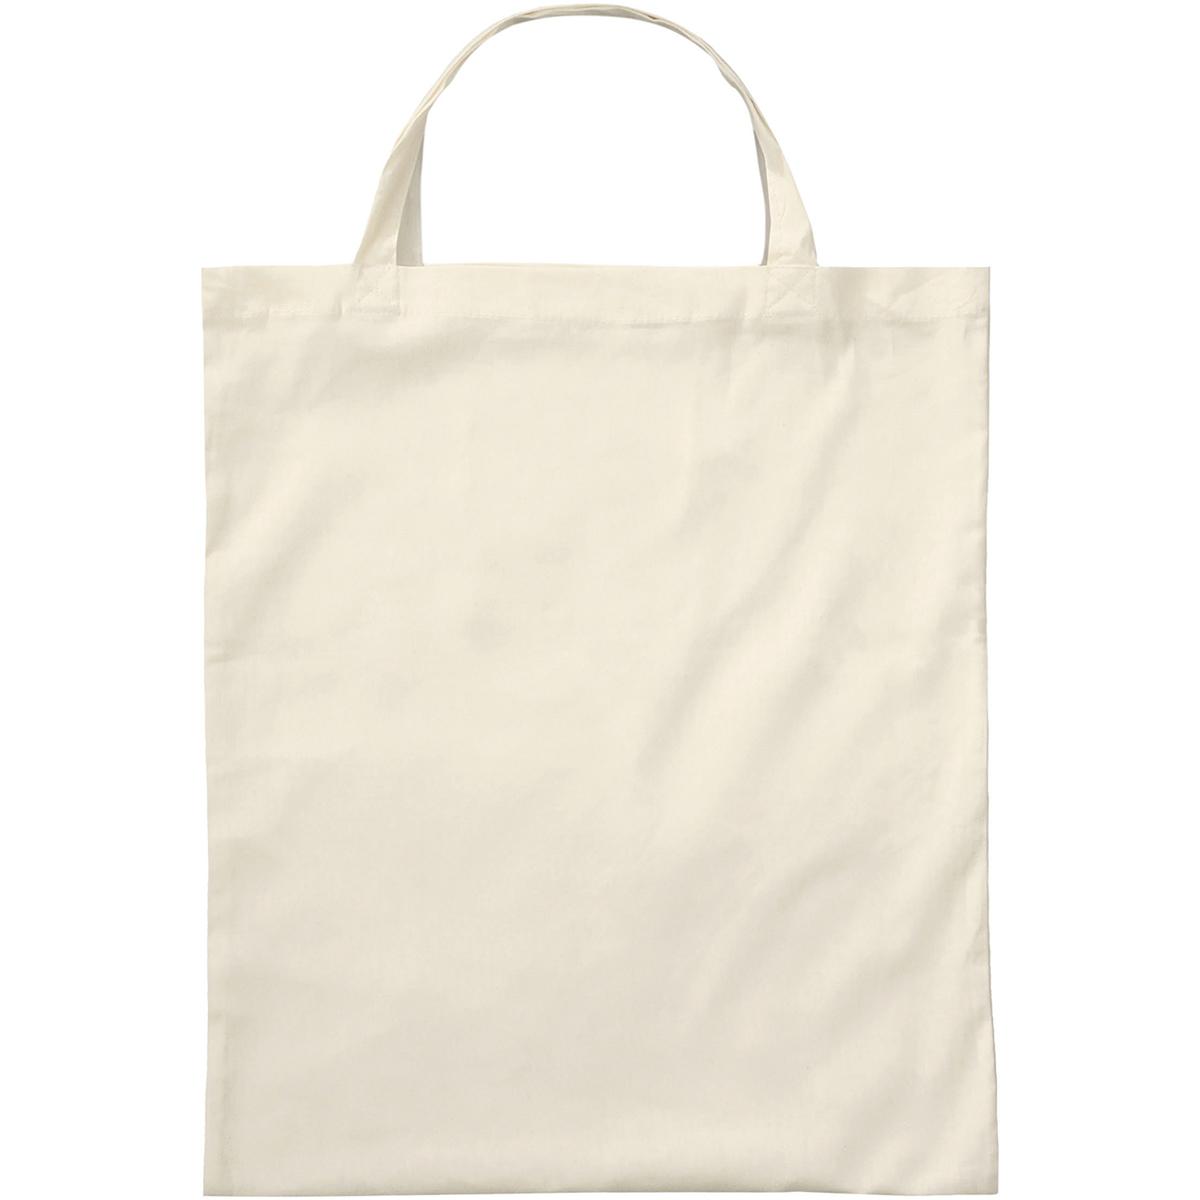 3842KOGN - BIO-Baumwolltasche mit kurzen Henkeln natur